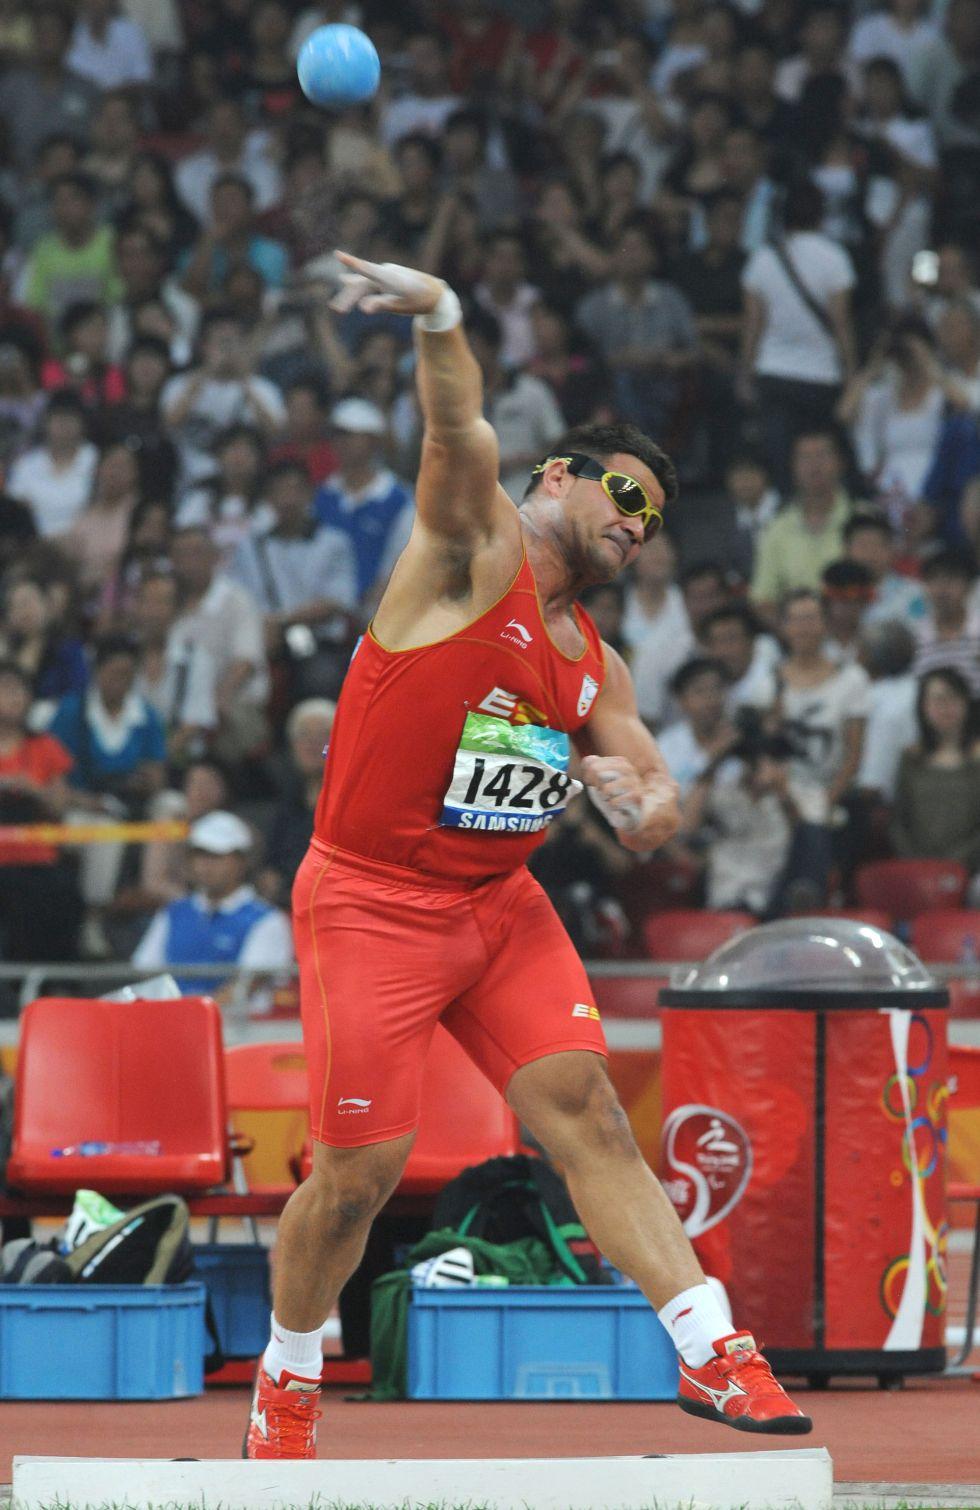 Europeos Paralímpicos 2014 1408624587_845208_1408625195_noticia_grande